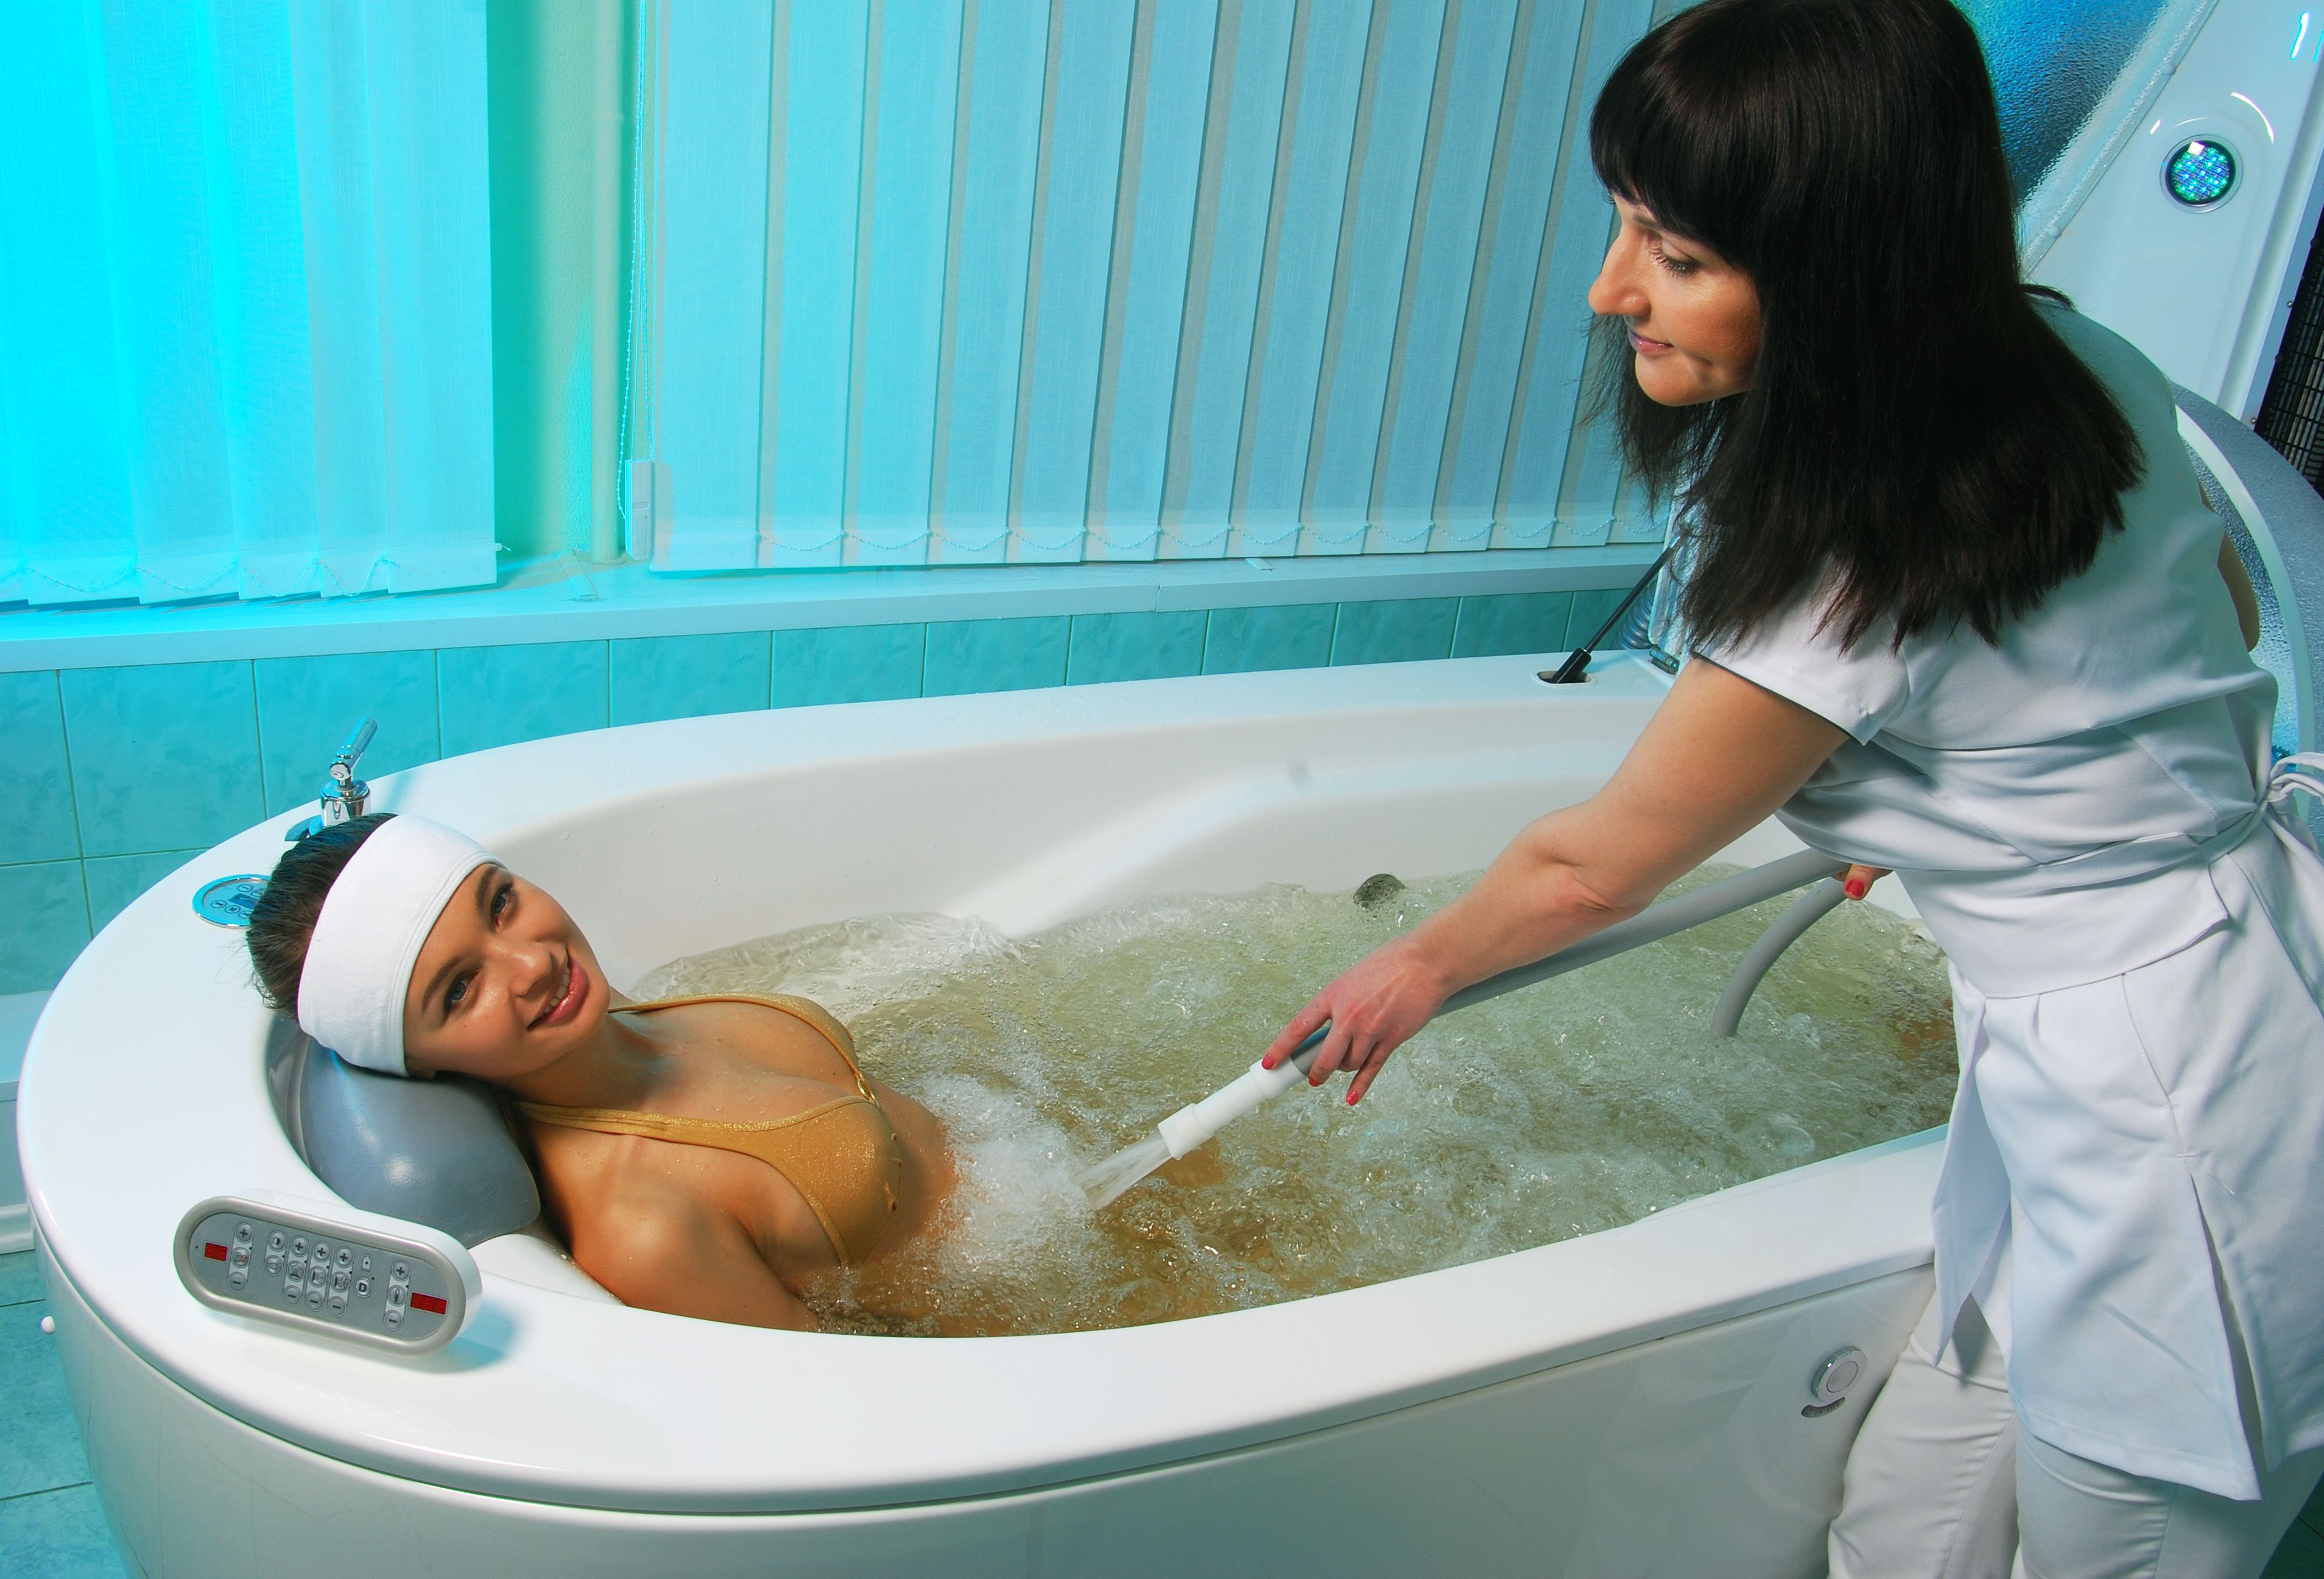 Струей в ванной 2 фотография